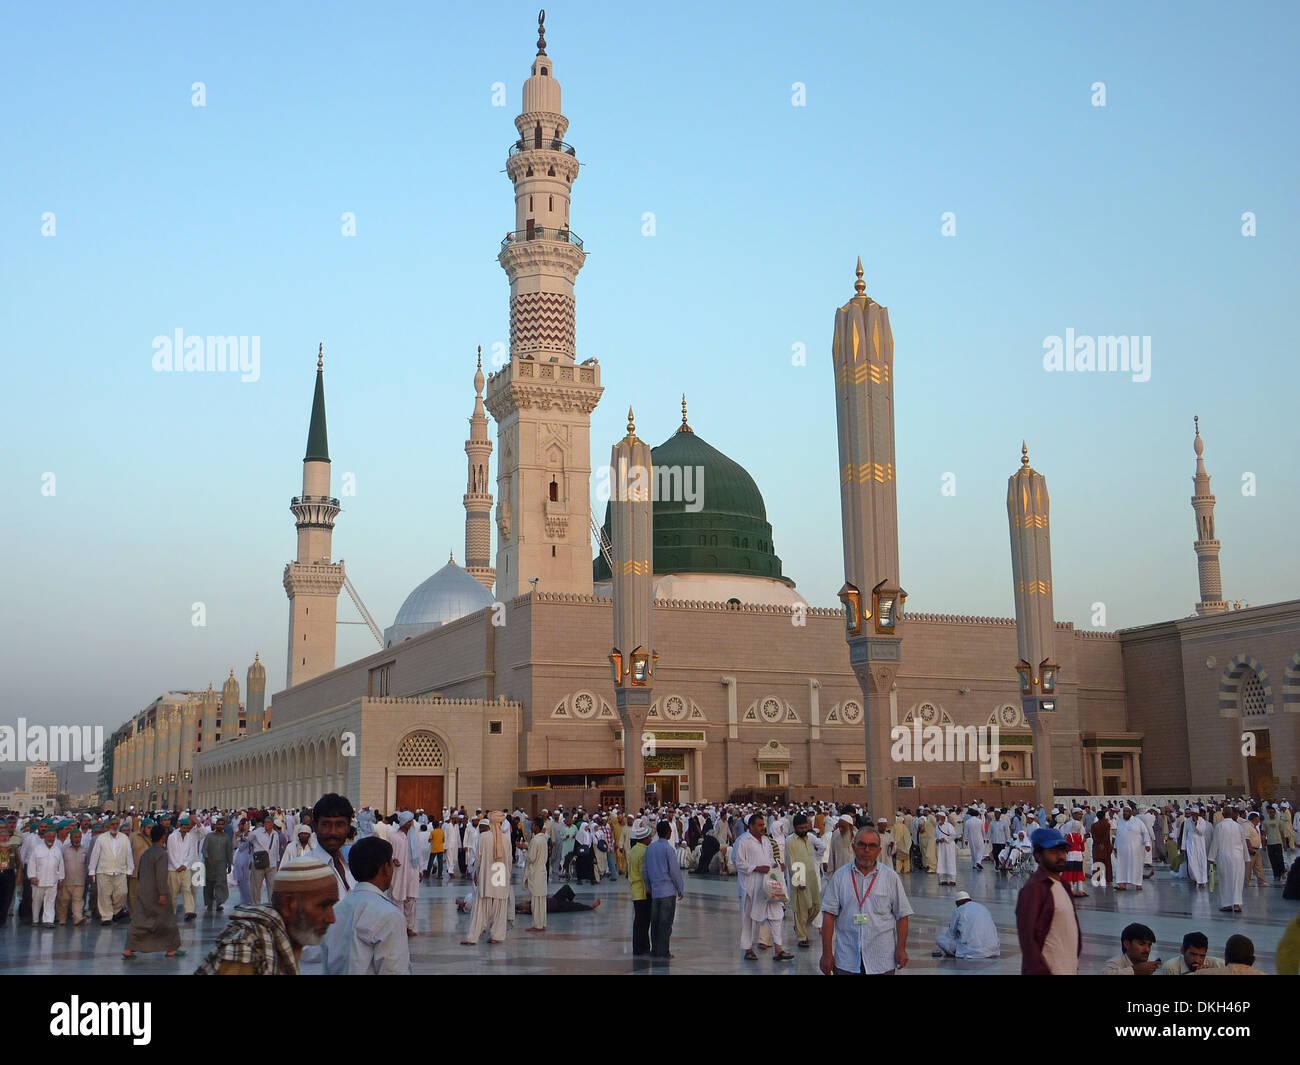 Los musulmanes se reunieron para adorar Nabawi, Mezquita, Medina, Arabia Saudita Imagen De Stock